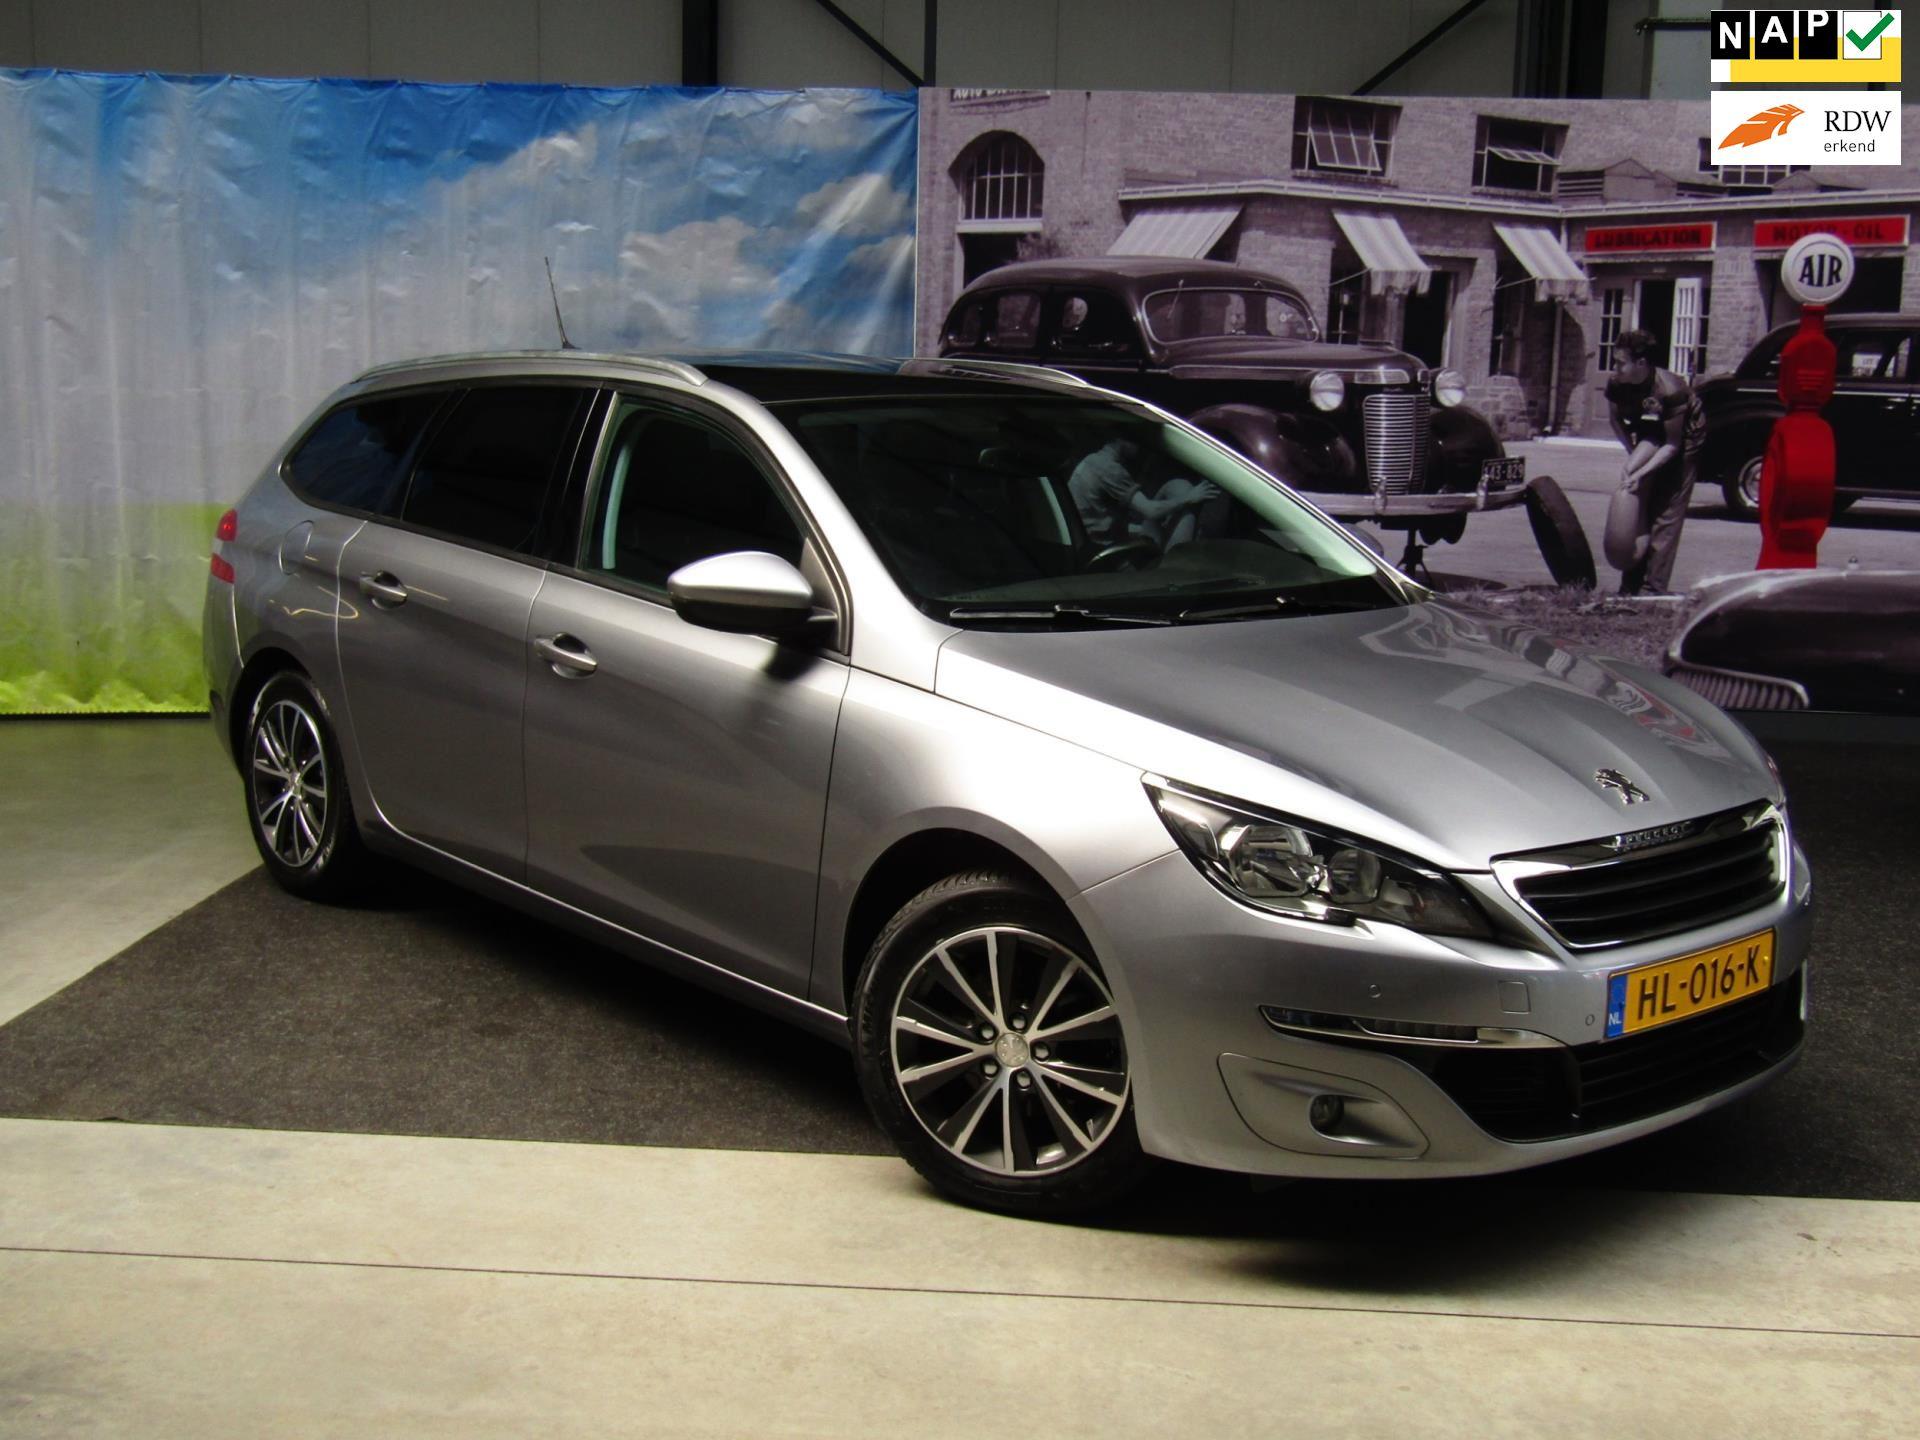 Peugeot 308 SW occasion - Autobedrijf Het Hof